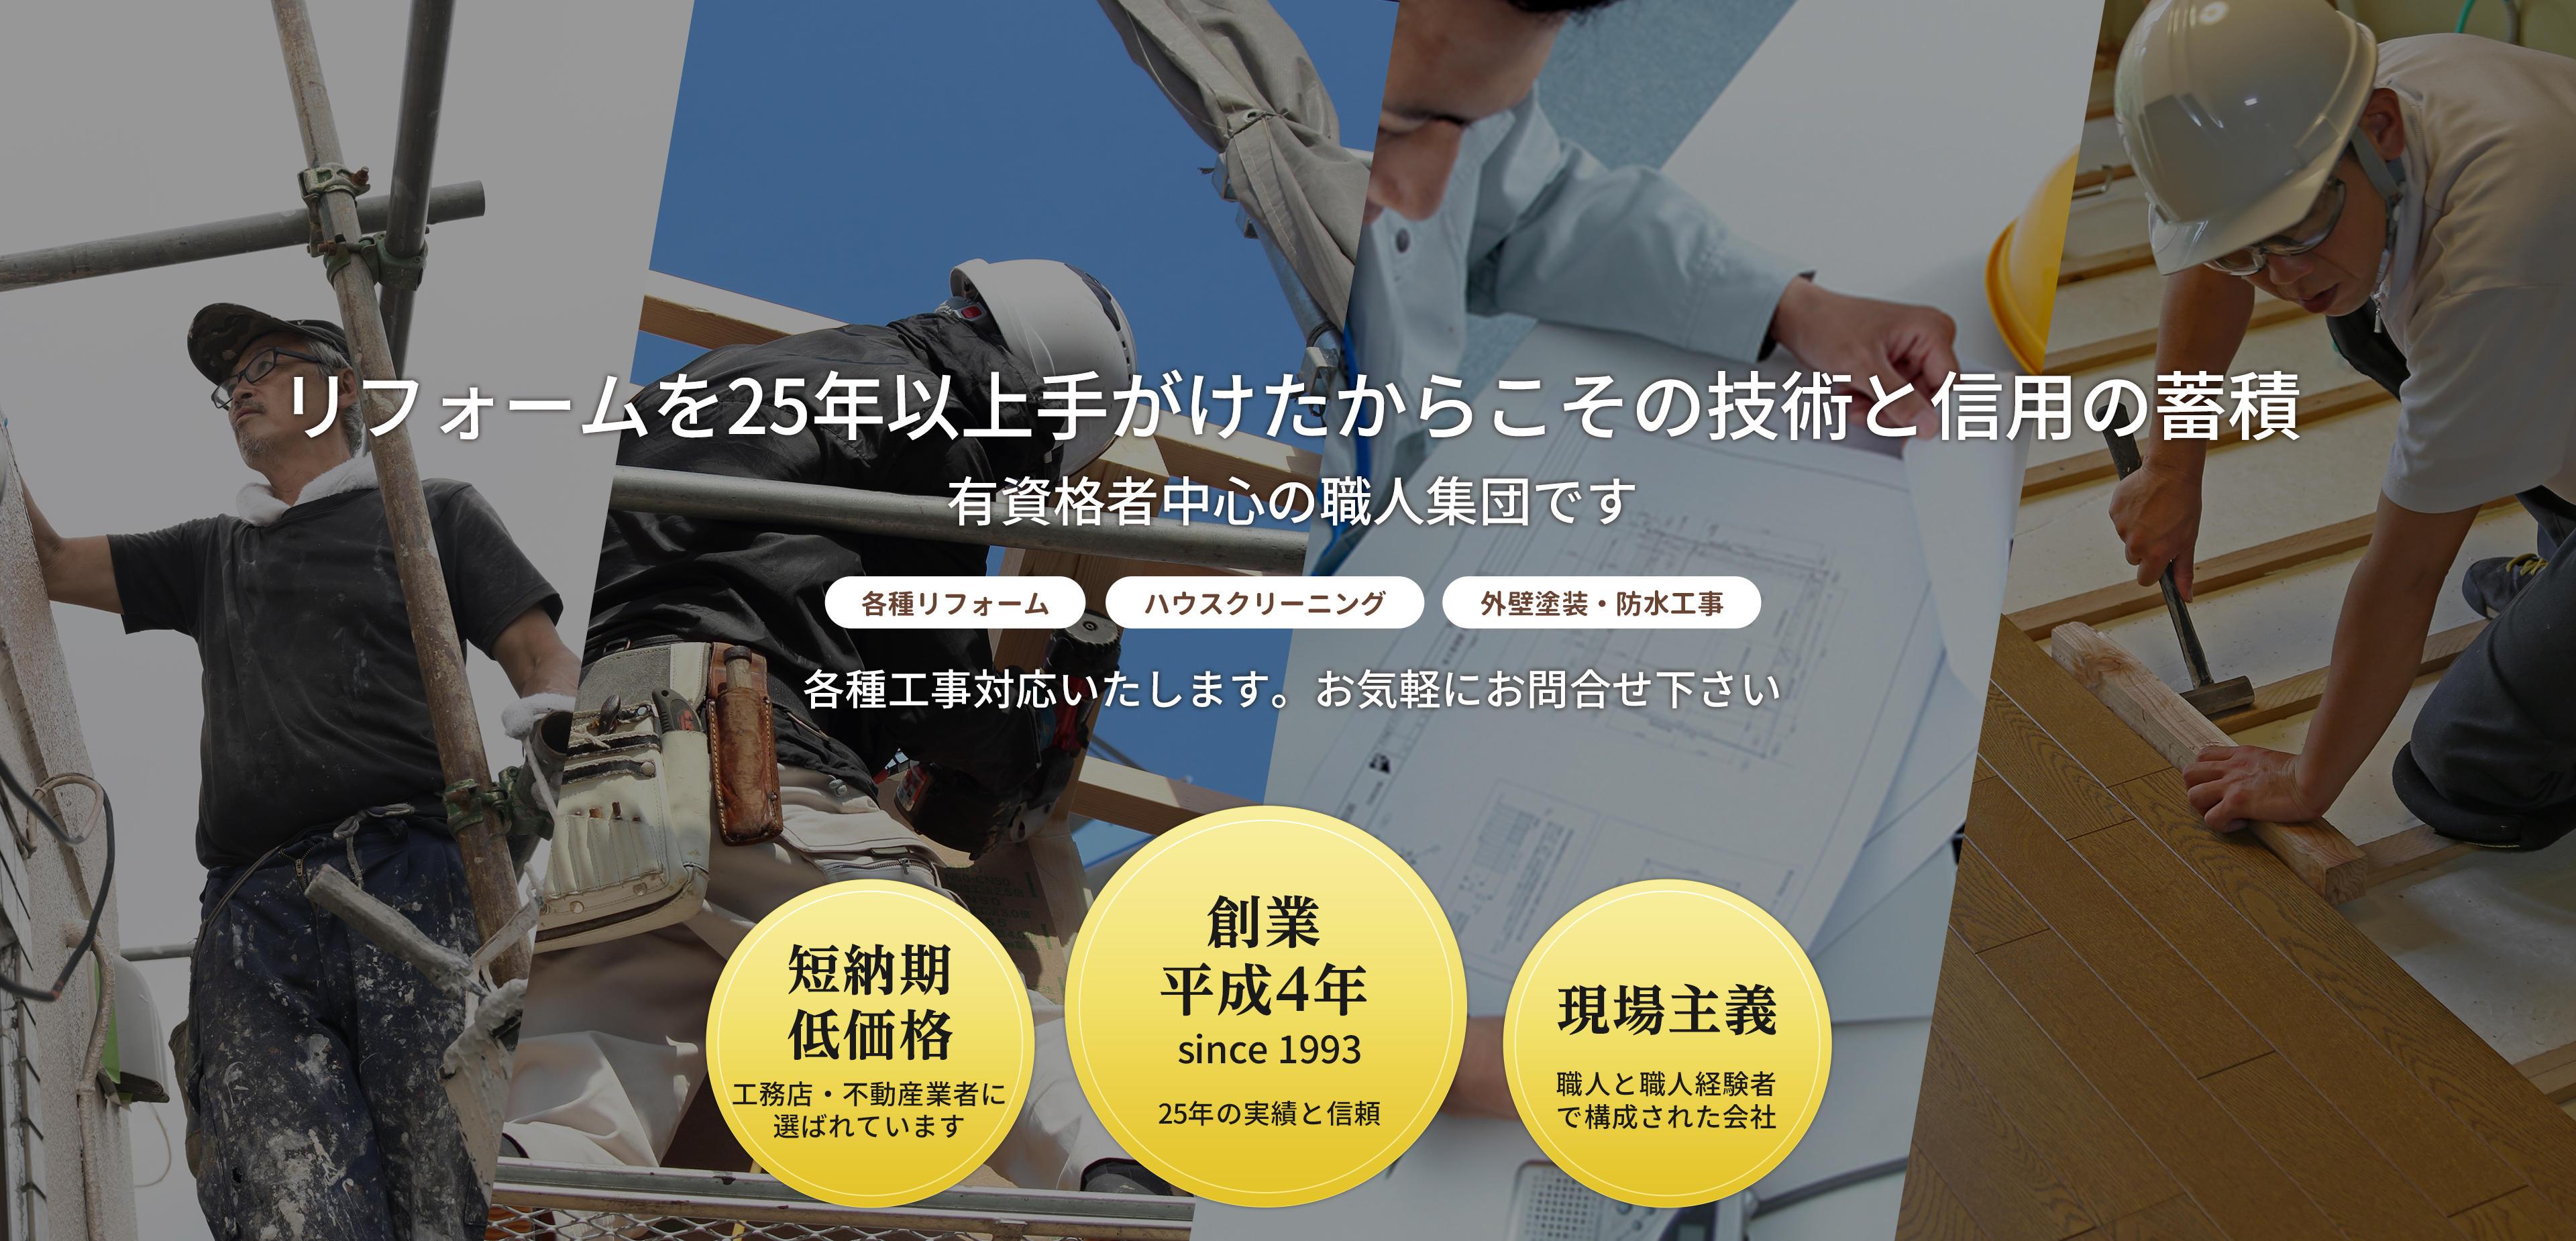 内装工事・外壁塗装・リノベーション・東京・埼玉戸田|(株)サンワードトップ画像